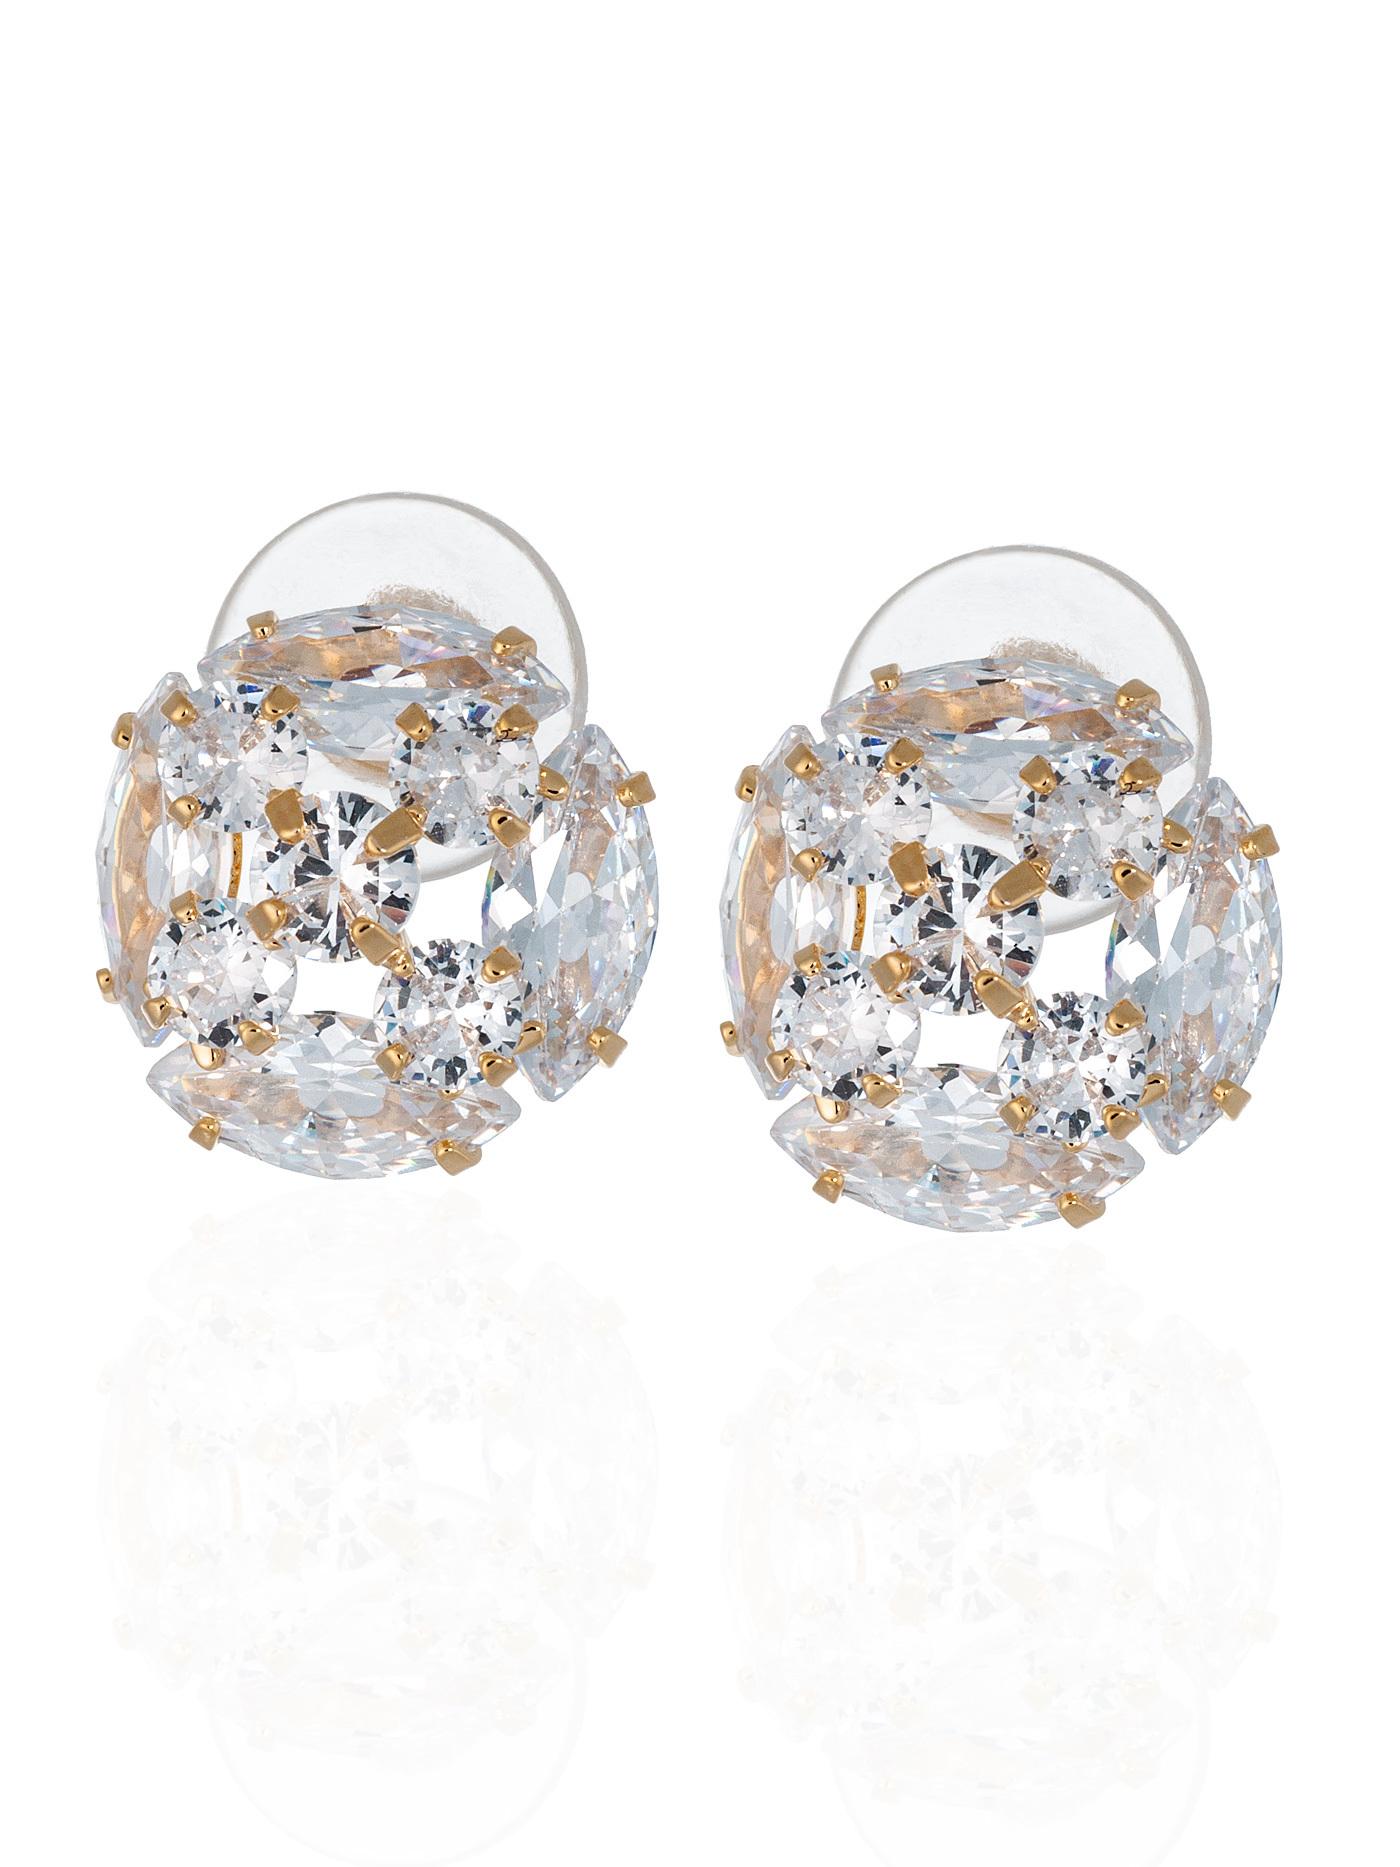 Вечерние серьги с кристаллами в подарочной коробке, подарок девушке